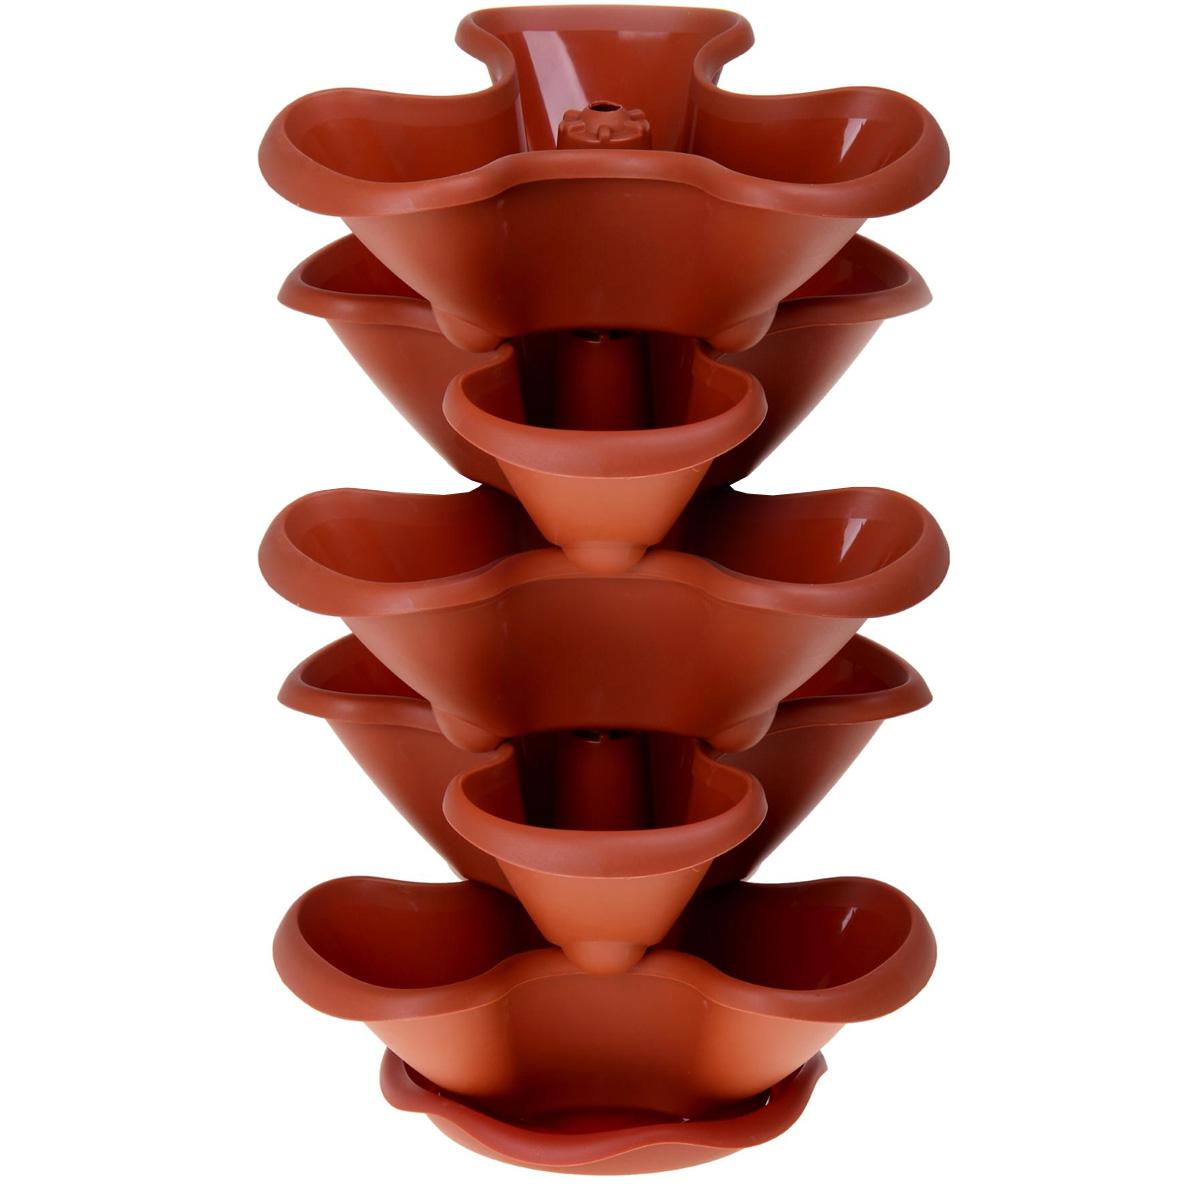 """Idea (М-пластика) Этажерка цветочная Idea """"Гамма"""", цвет: терракотовый, 5 кашпо М 3145"""